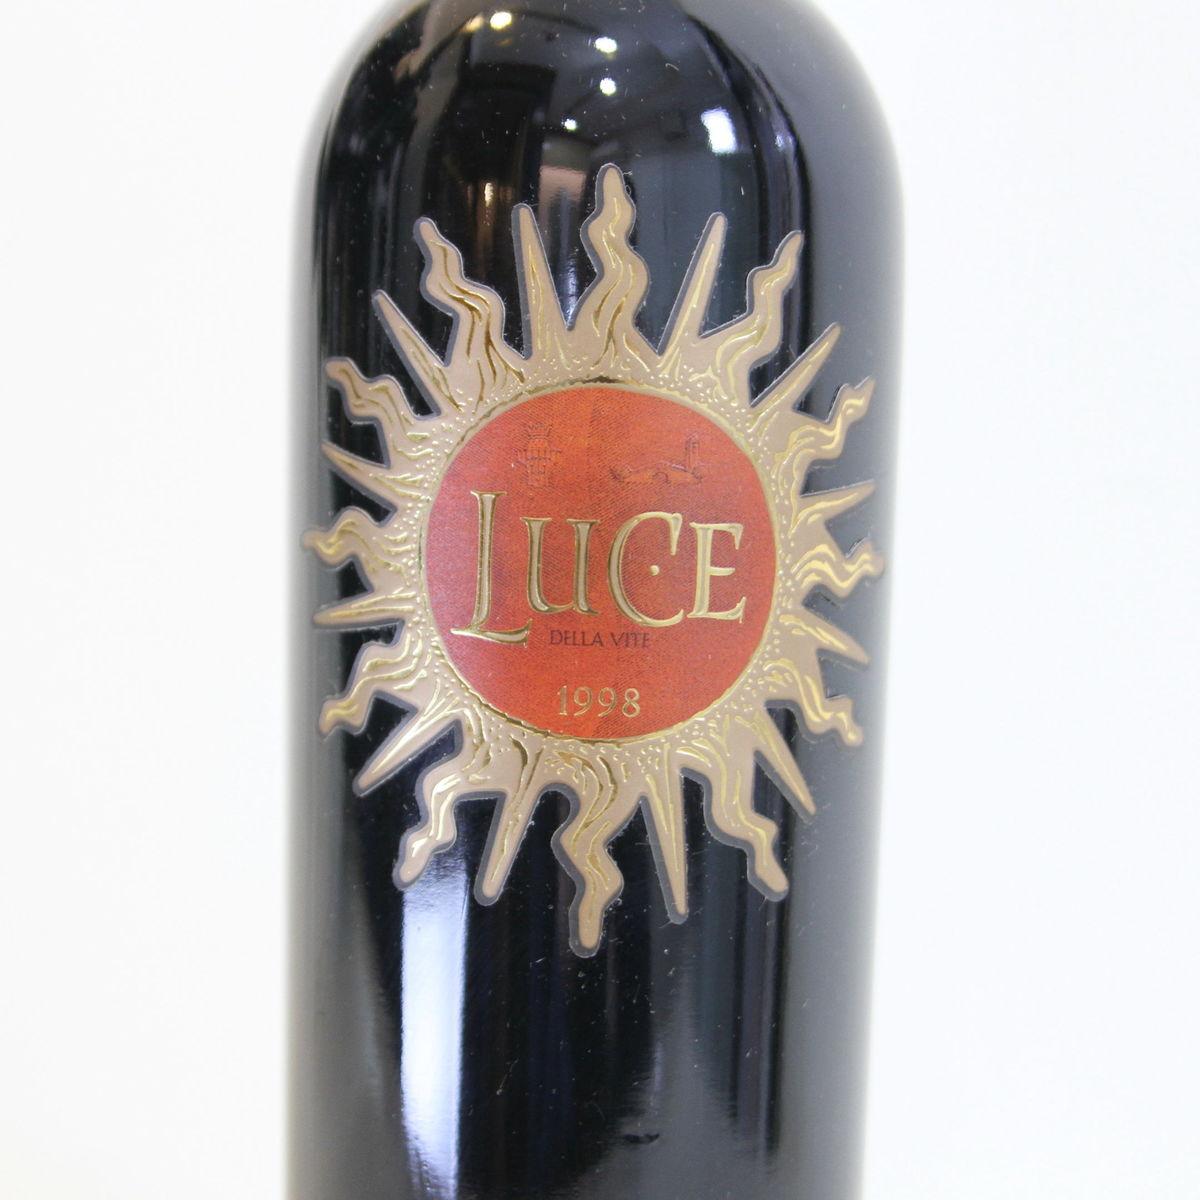 【1998年】ルーチェ Luce イタリア トスカーナ州 赤ワイン 750ml